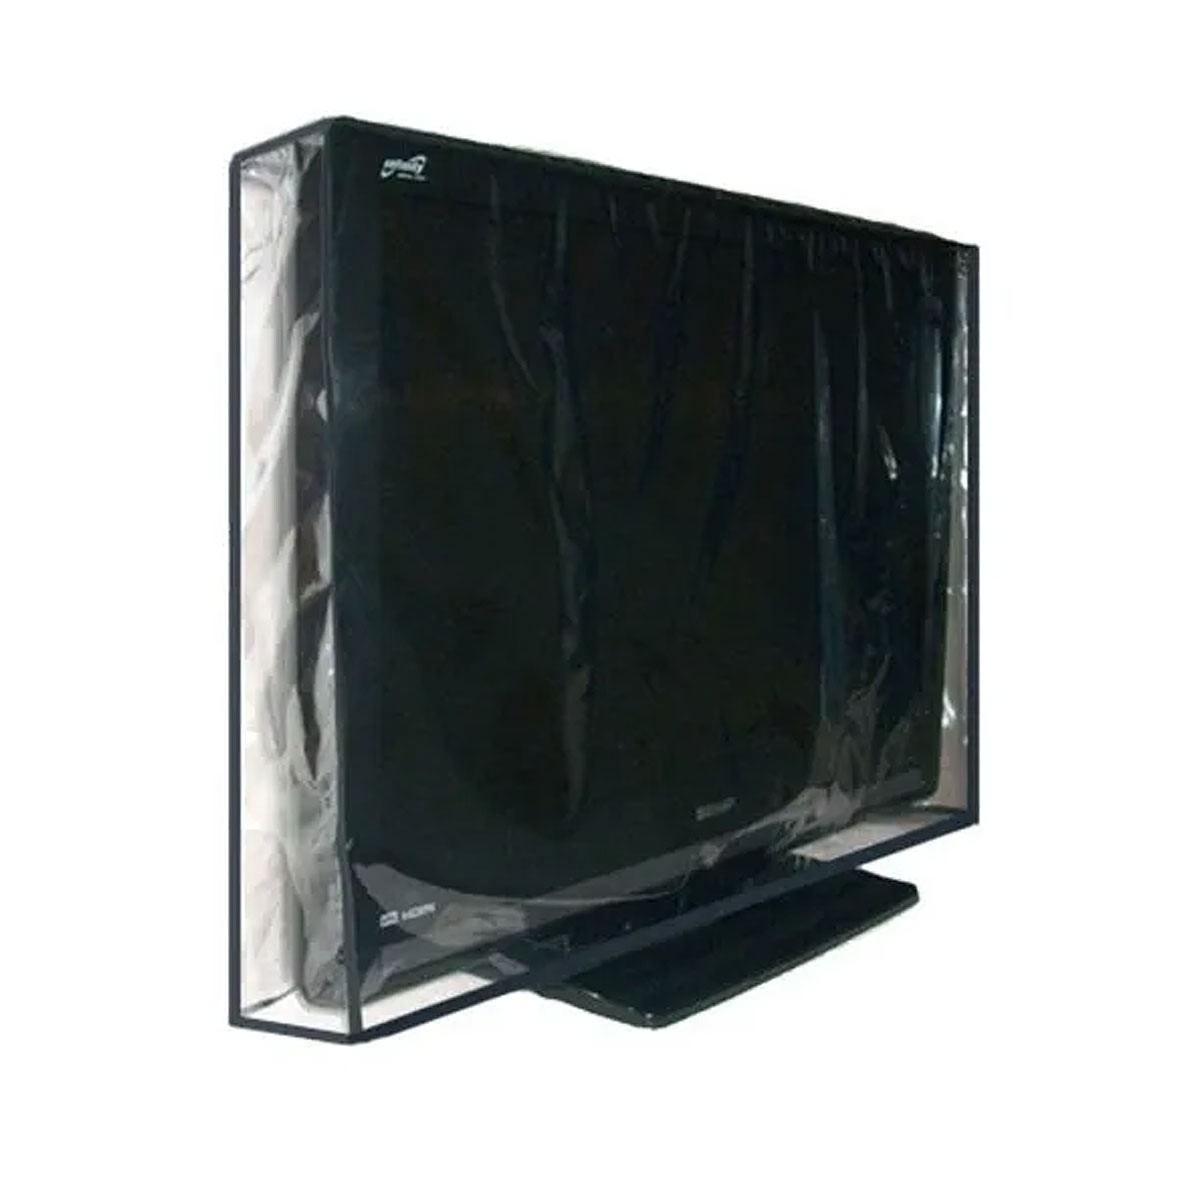 Capa Em Pvc Cristal Para Tv Led 22 / 23 - Fechada Atrás